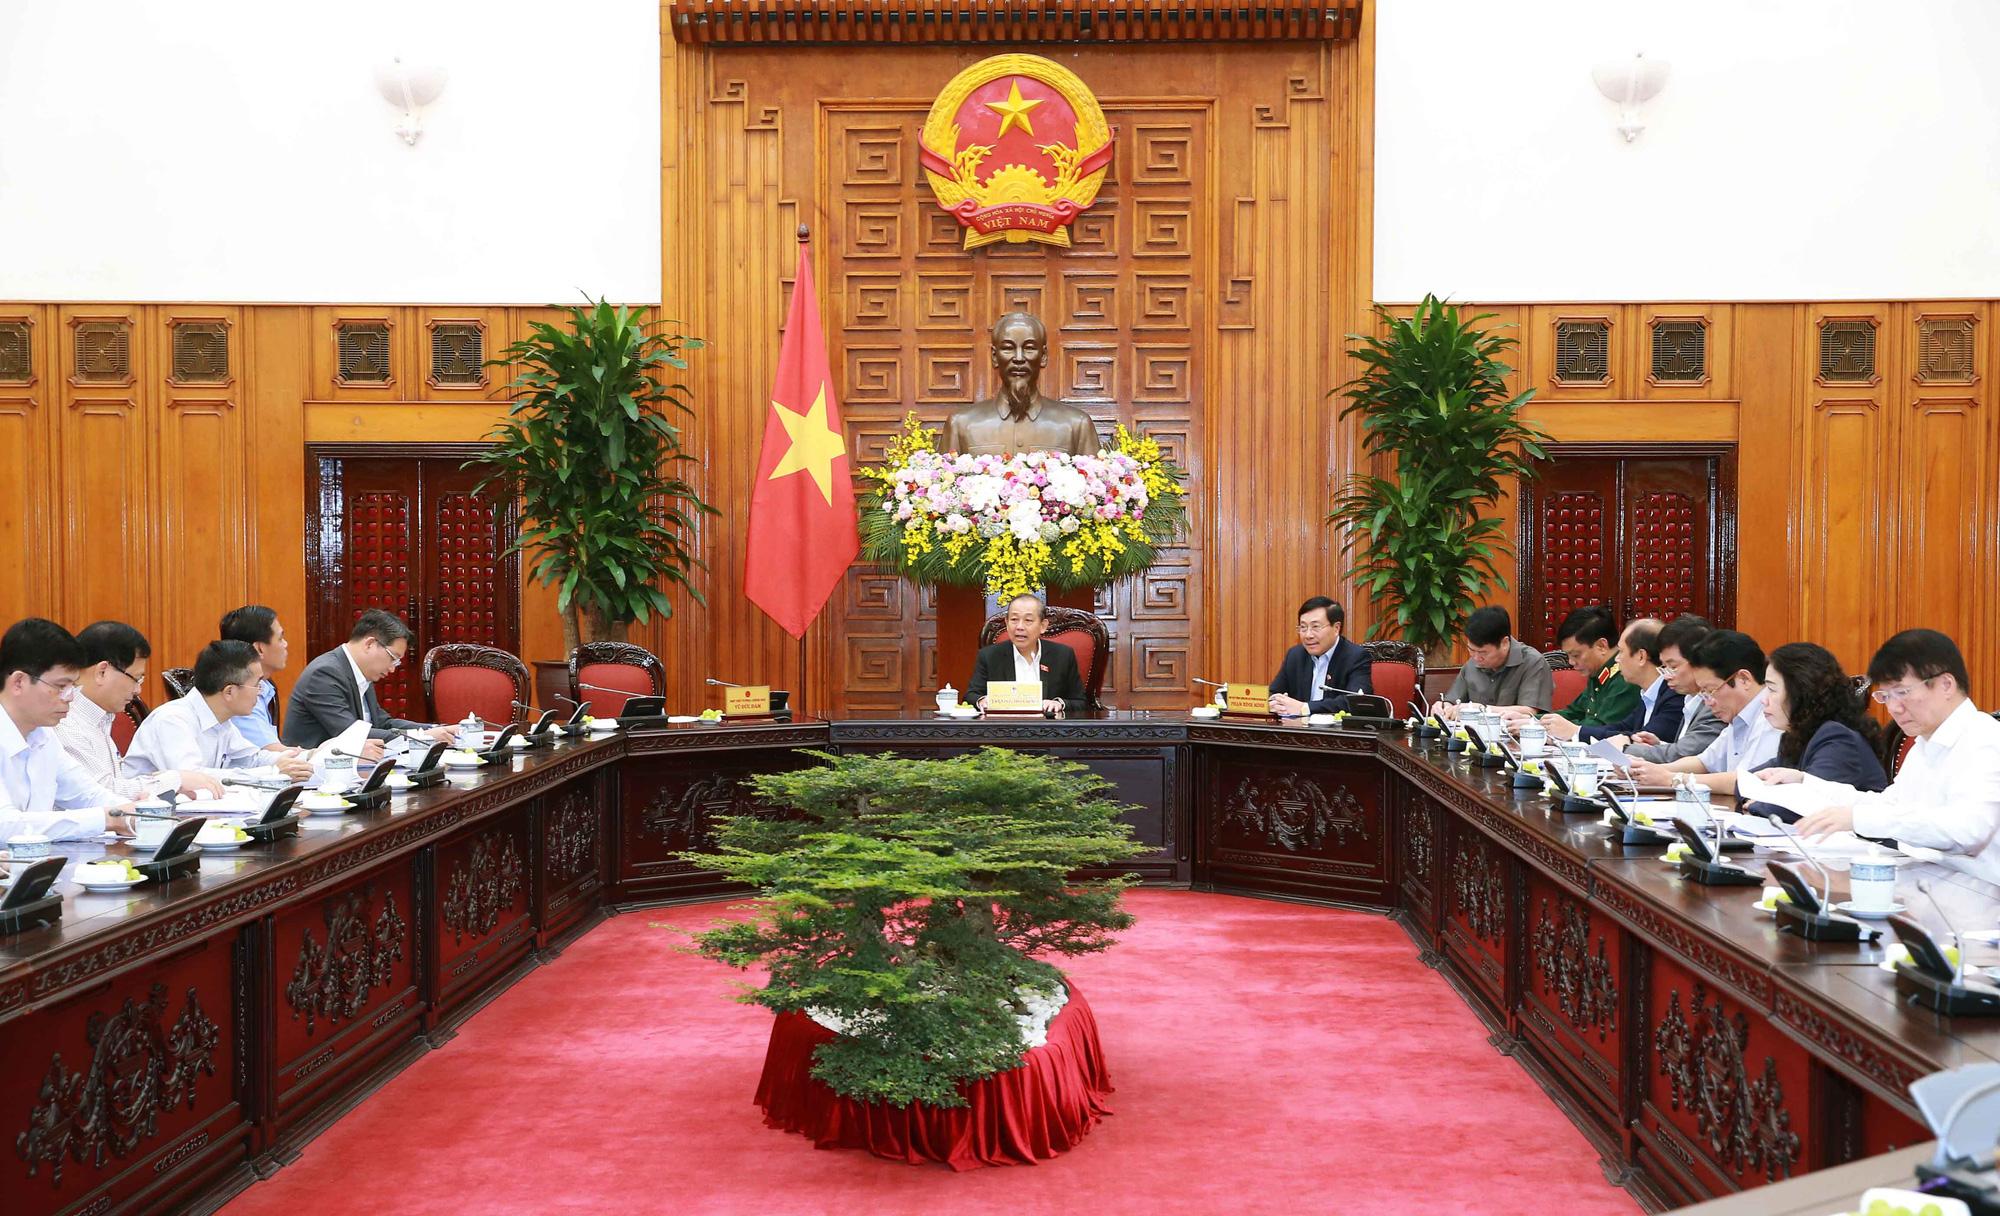 Phó Thủ tướng Thường trực Trương Hòa Bình xúc động chỉ đạo giải quyết vụ việc 39 người tử vong tại Anh - Ảnh 2.